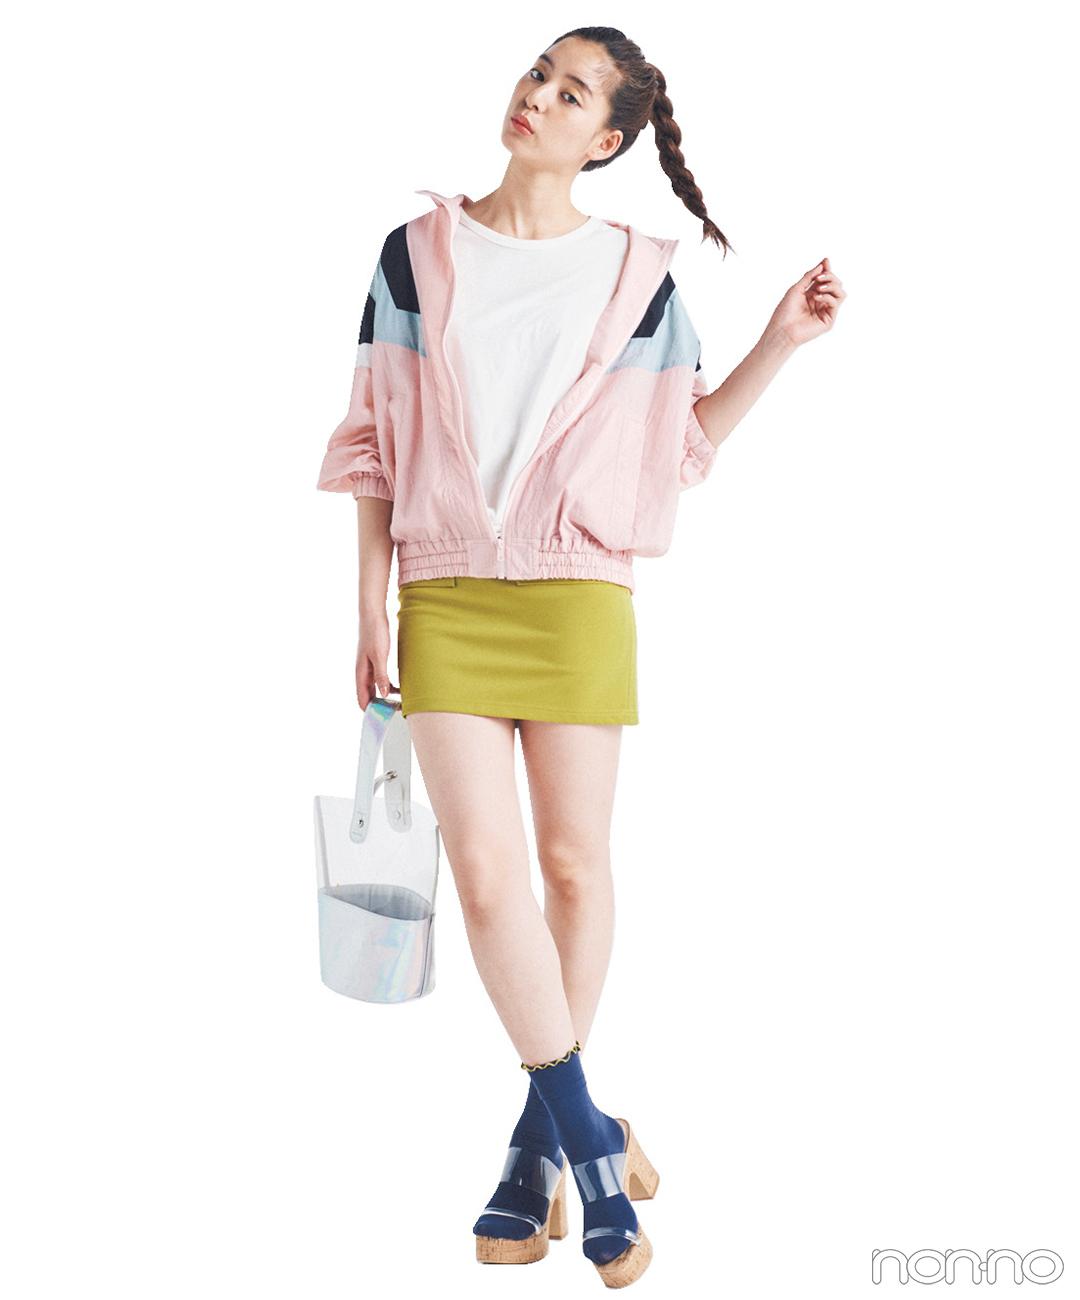 新木優子はマンパ+ミニスカートコーデでポップな夏ガール!【毎日コーデ】_1_1